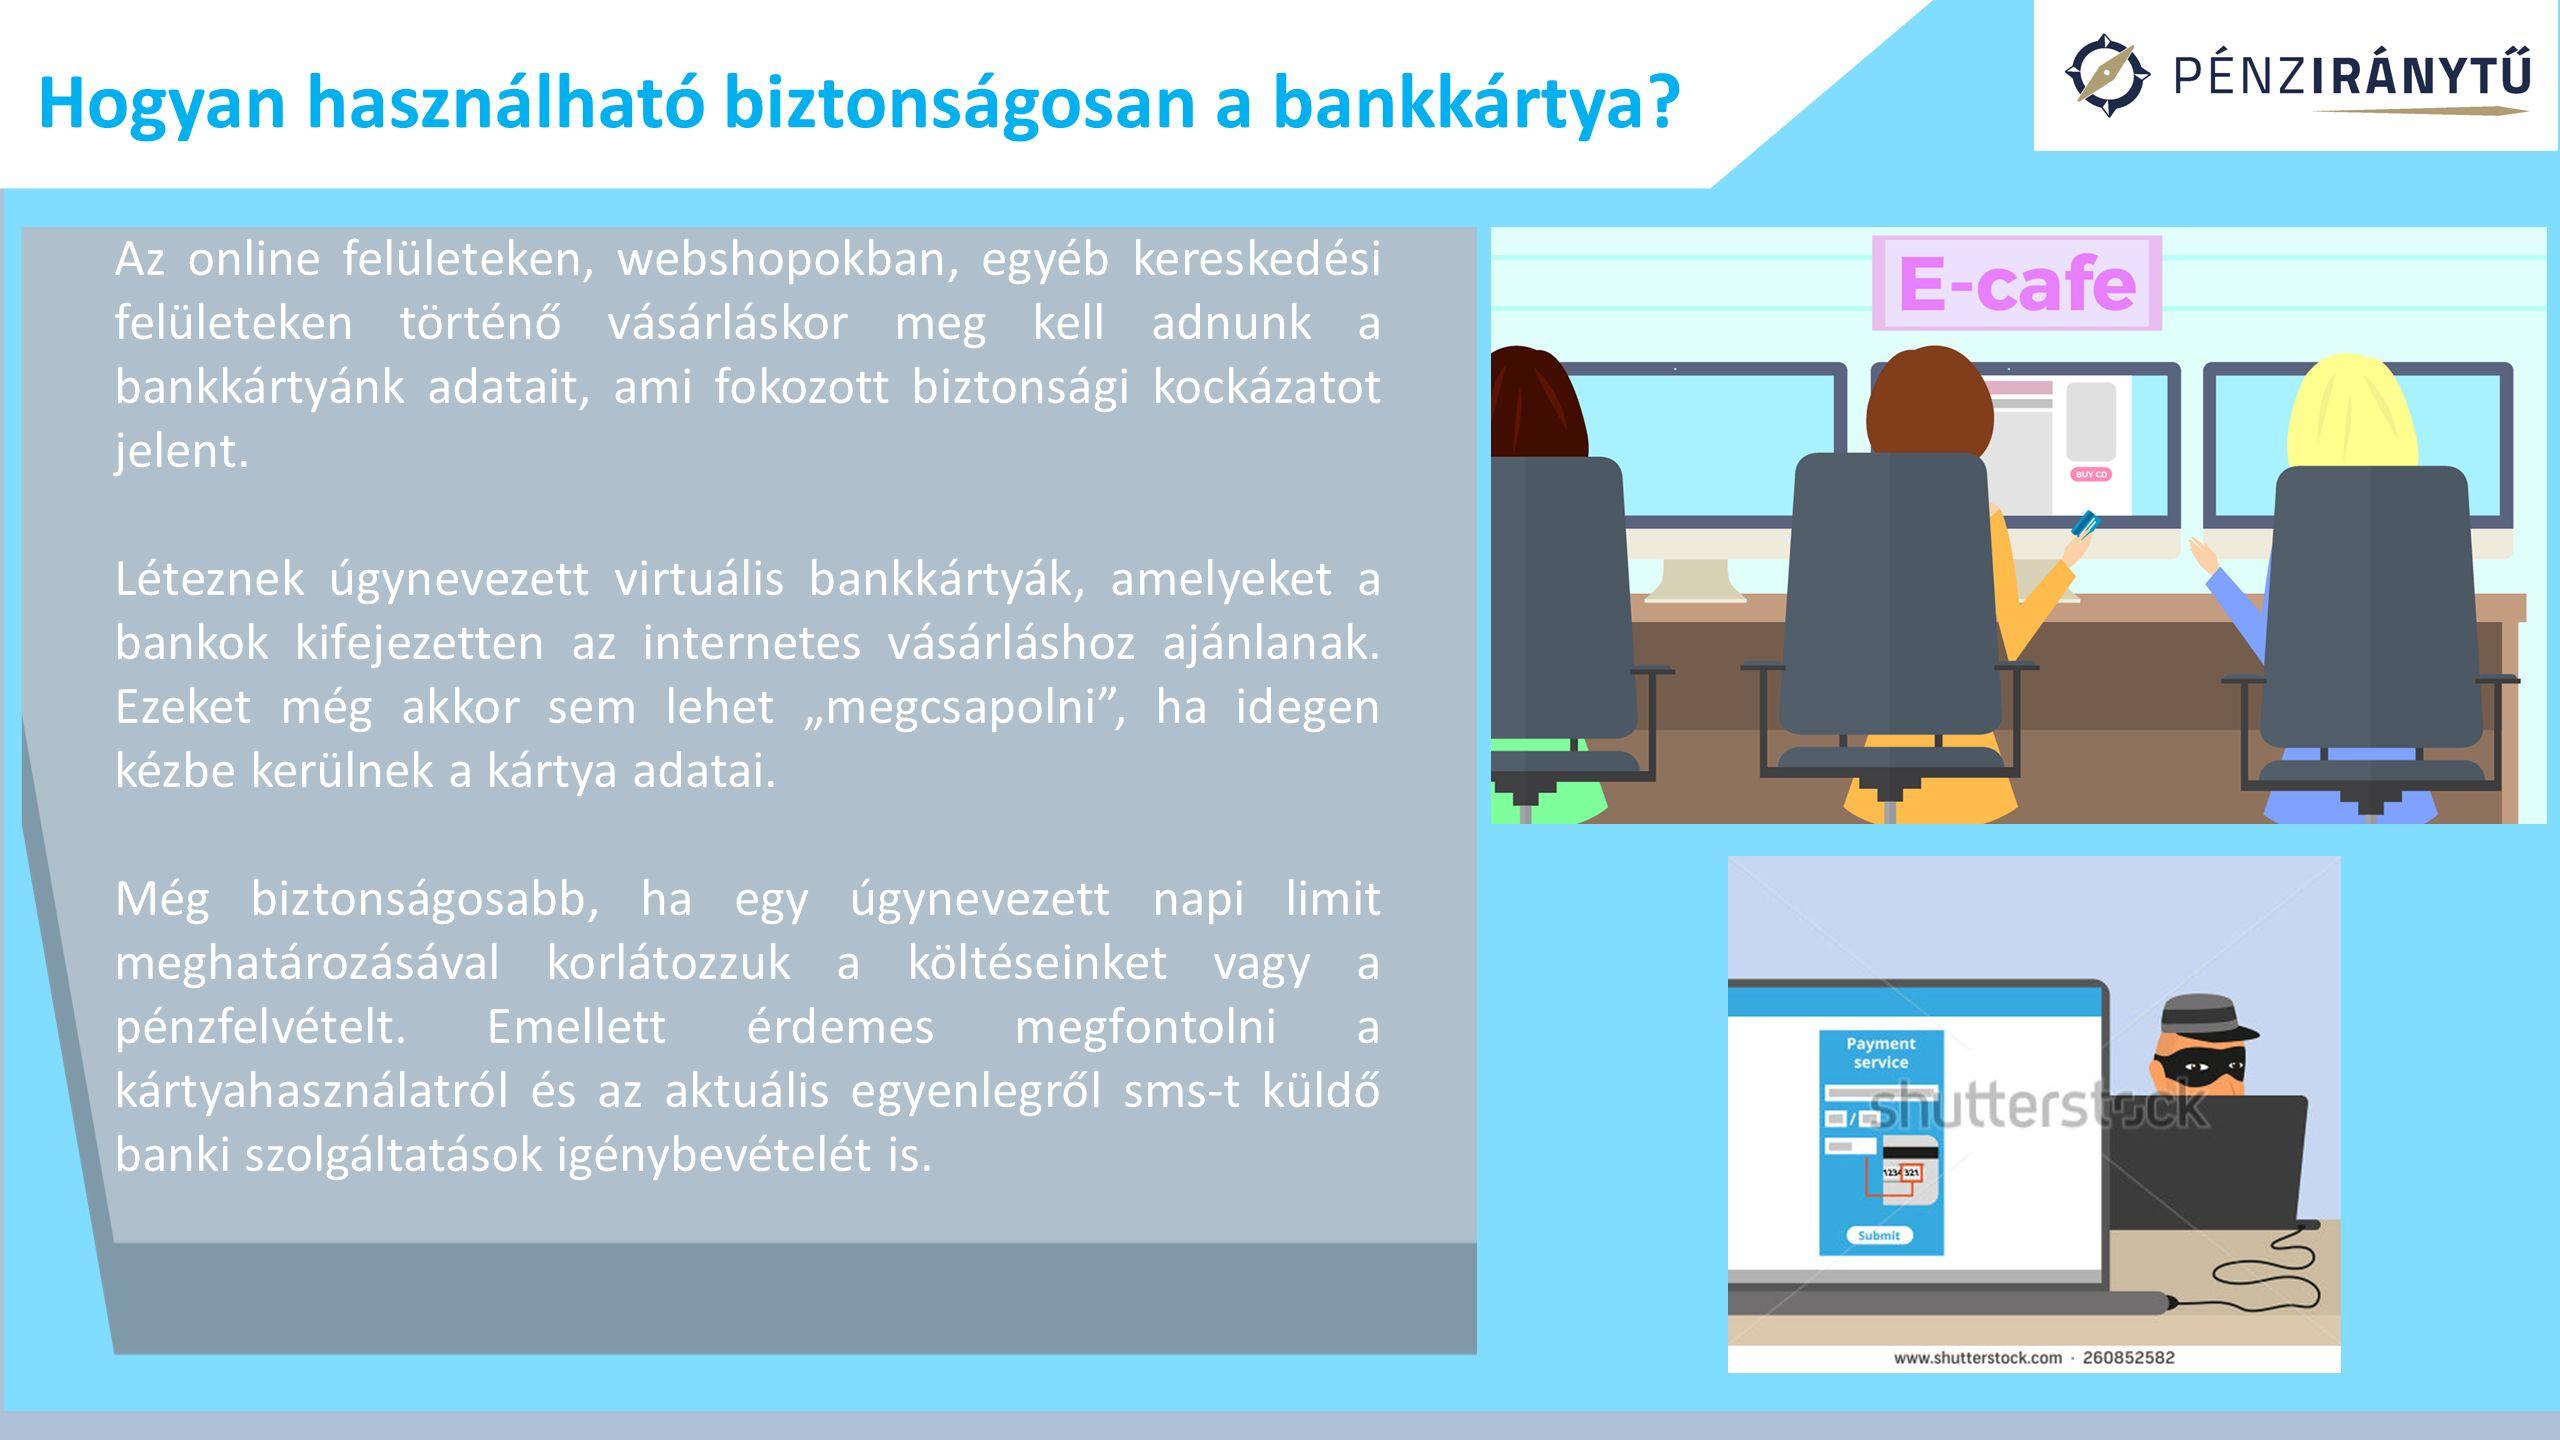 Hogyan használható biztonságosan a bankkártya? Az online felületeken, webshopokban, egyéb kereskedési felületeken történő vásárláskor meg kell adnunk